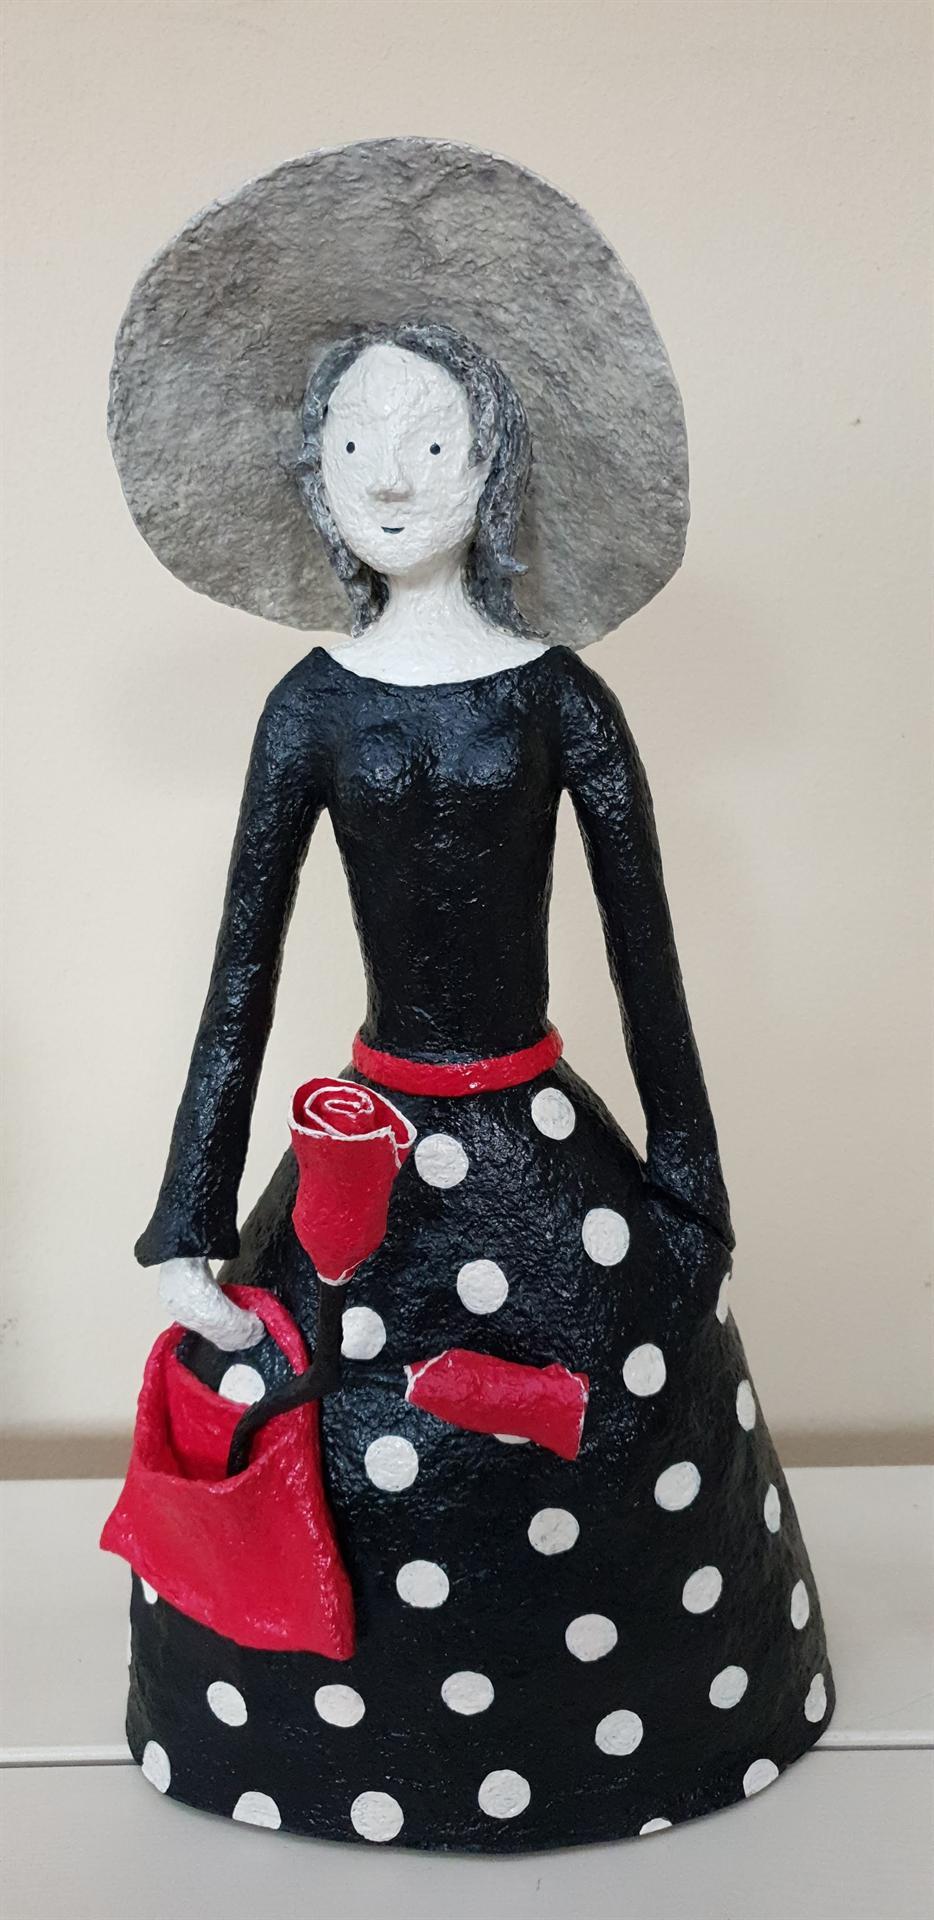 נערה עם תיק ופרח